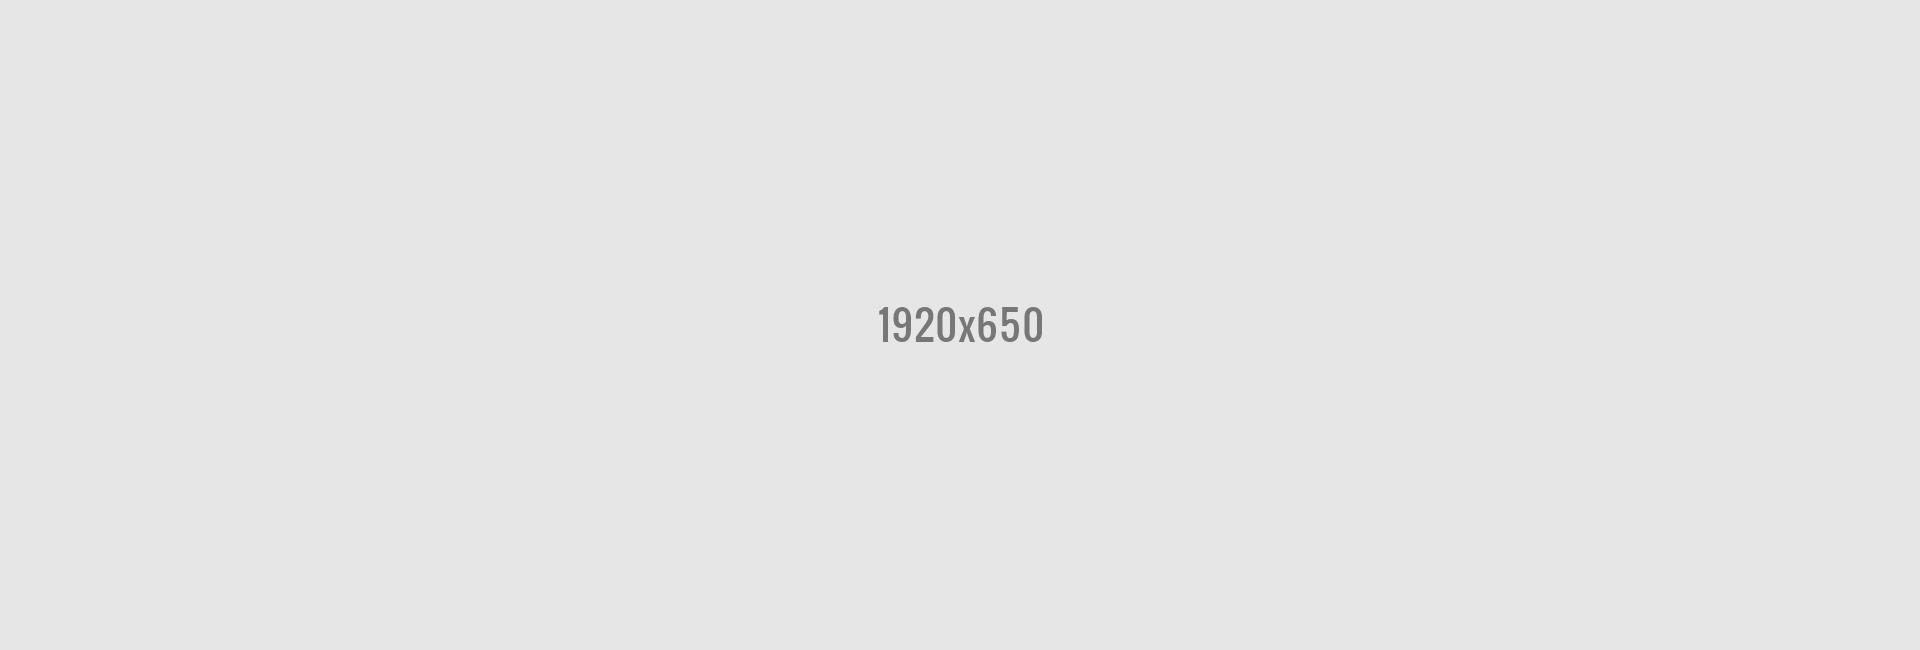 Plazathemes/bannerslider/images/s/l/slider2-grand1.jpg